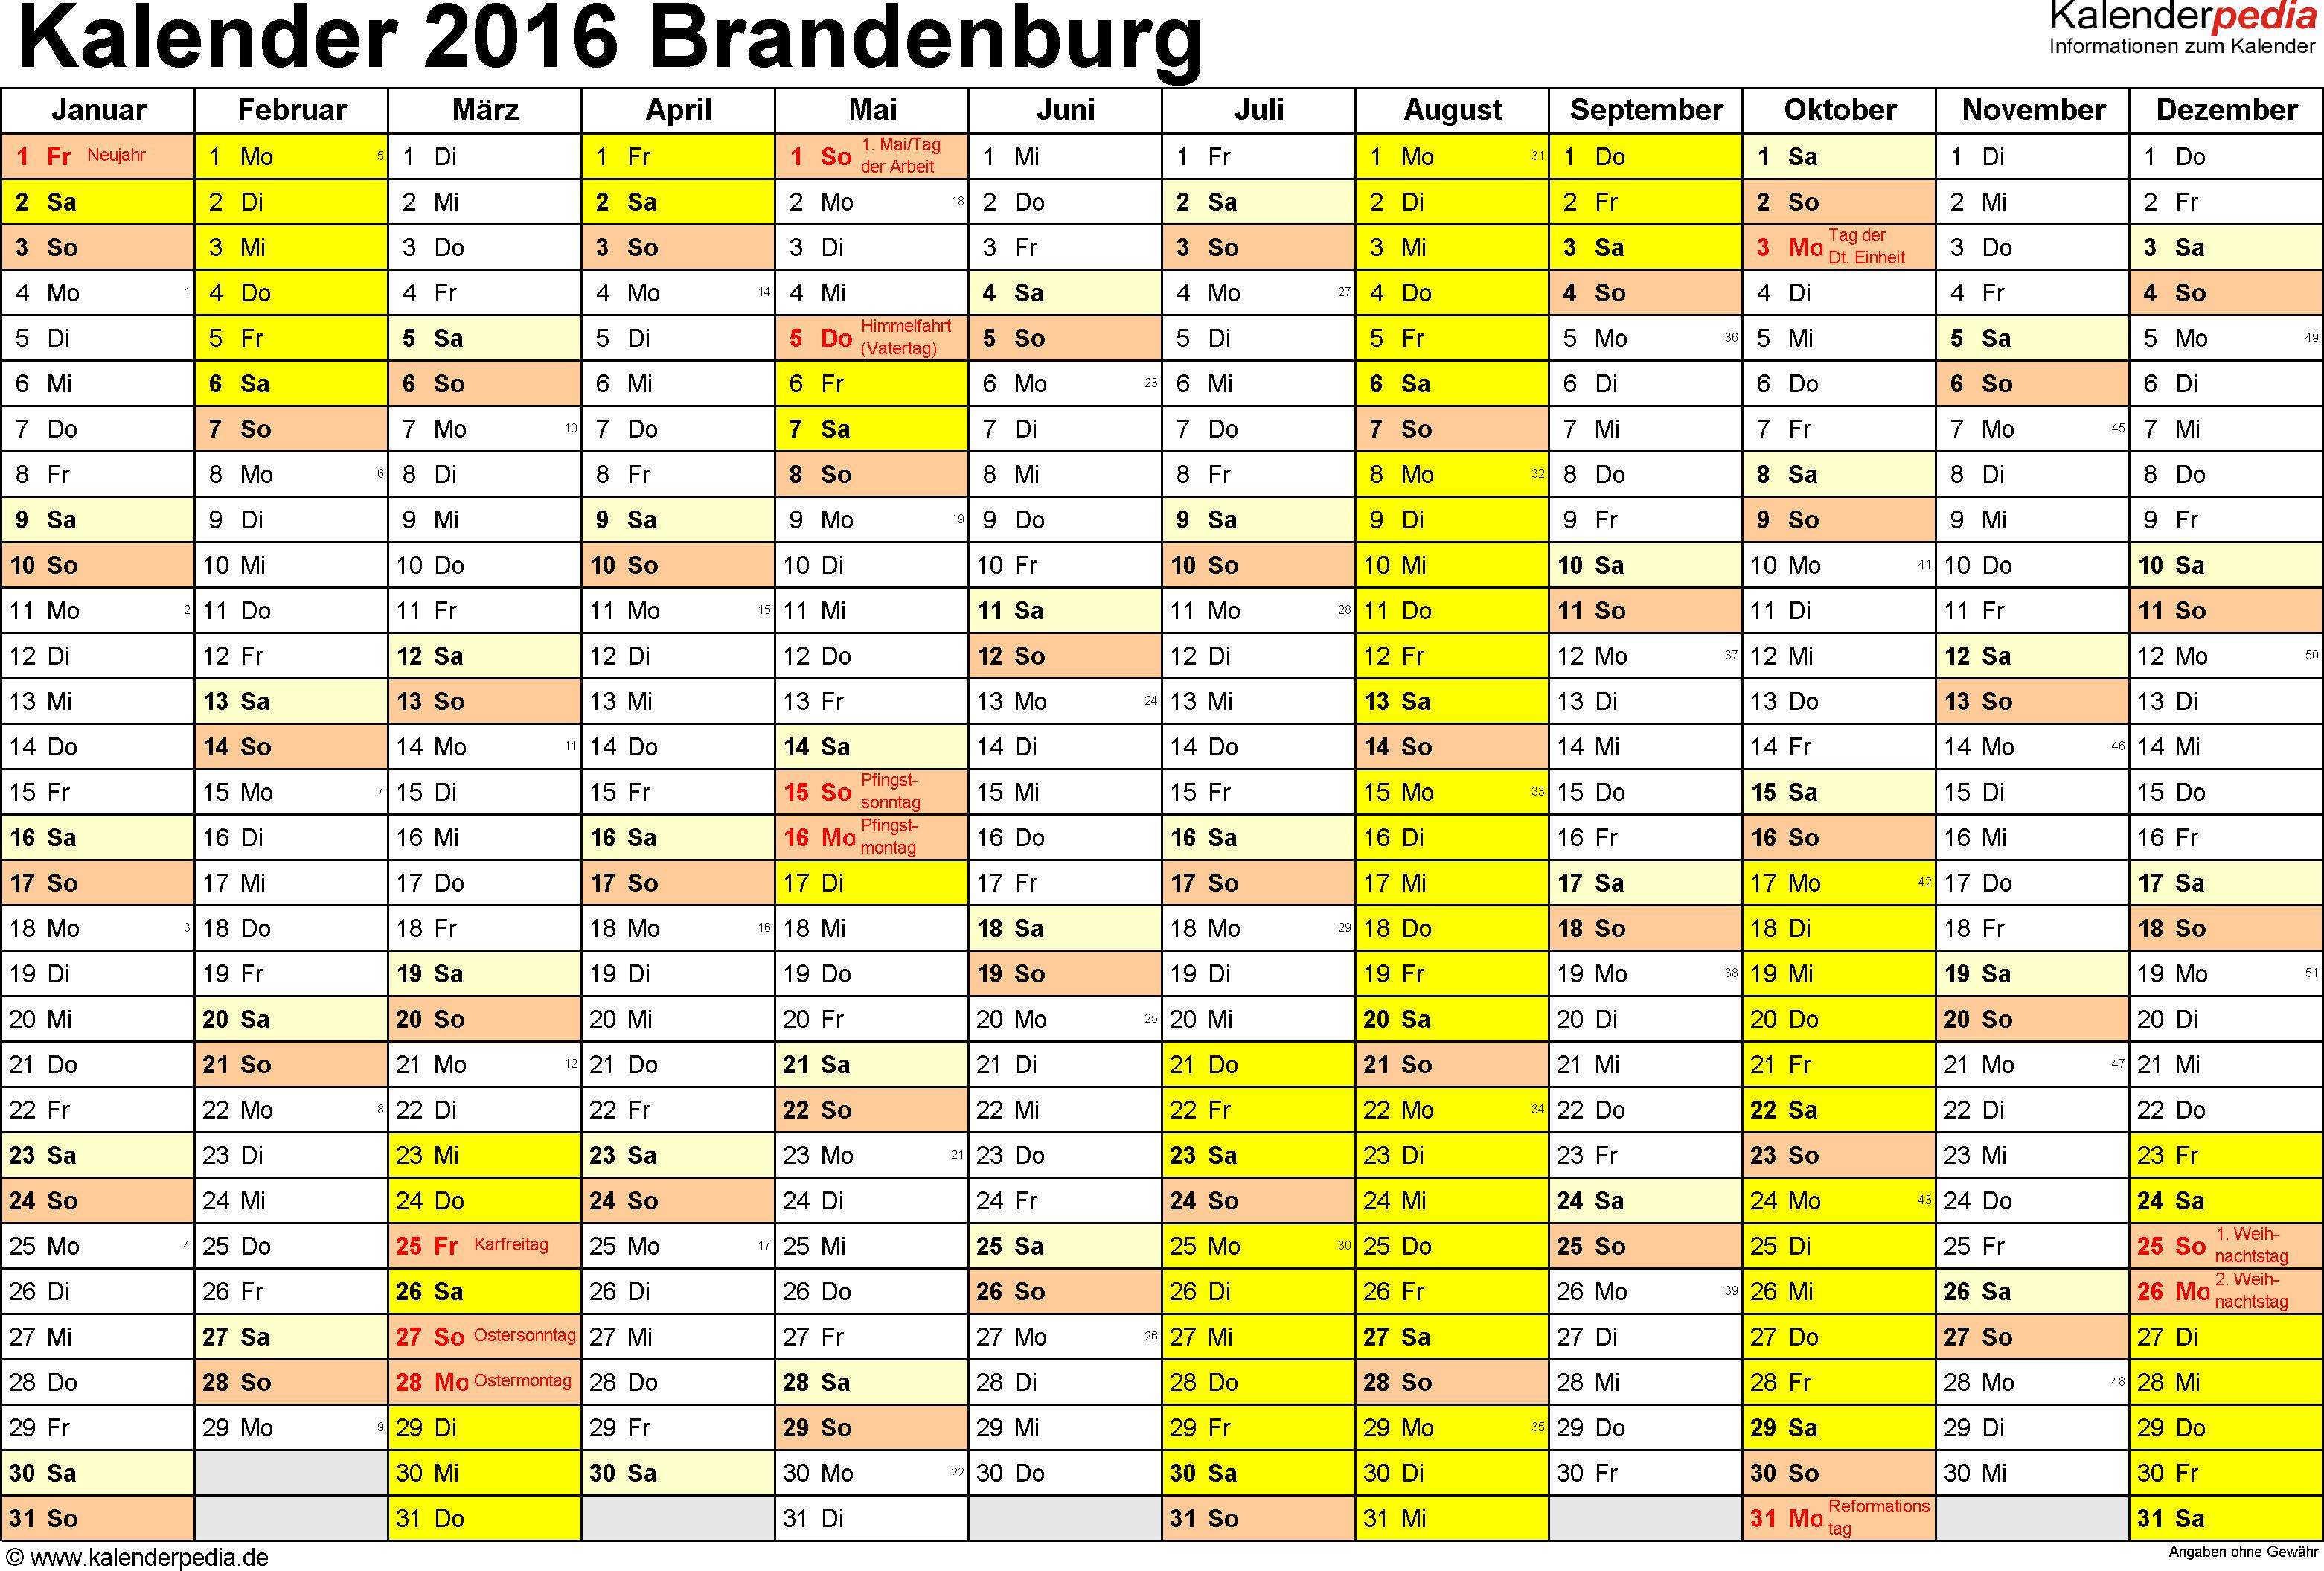 Vorlage 1: Kalender 2016 für Brandenburg als PDF-Vorlage (Querformat, 1 Seite)